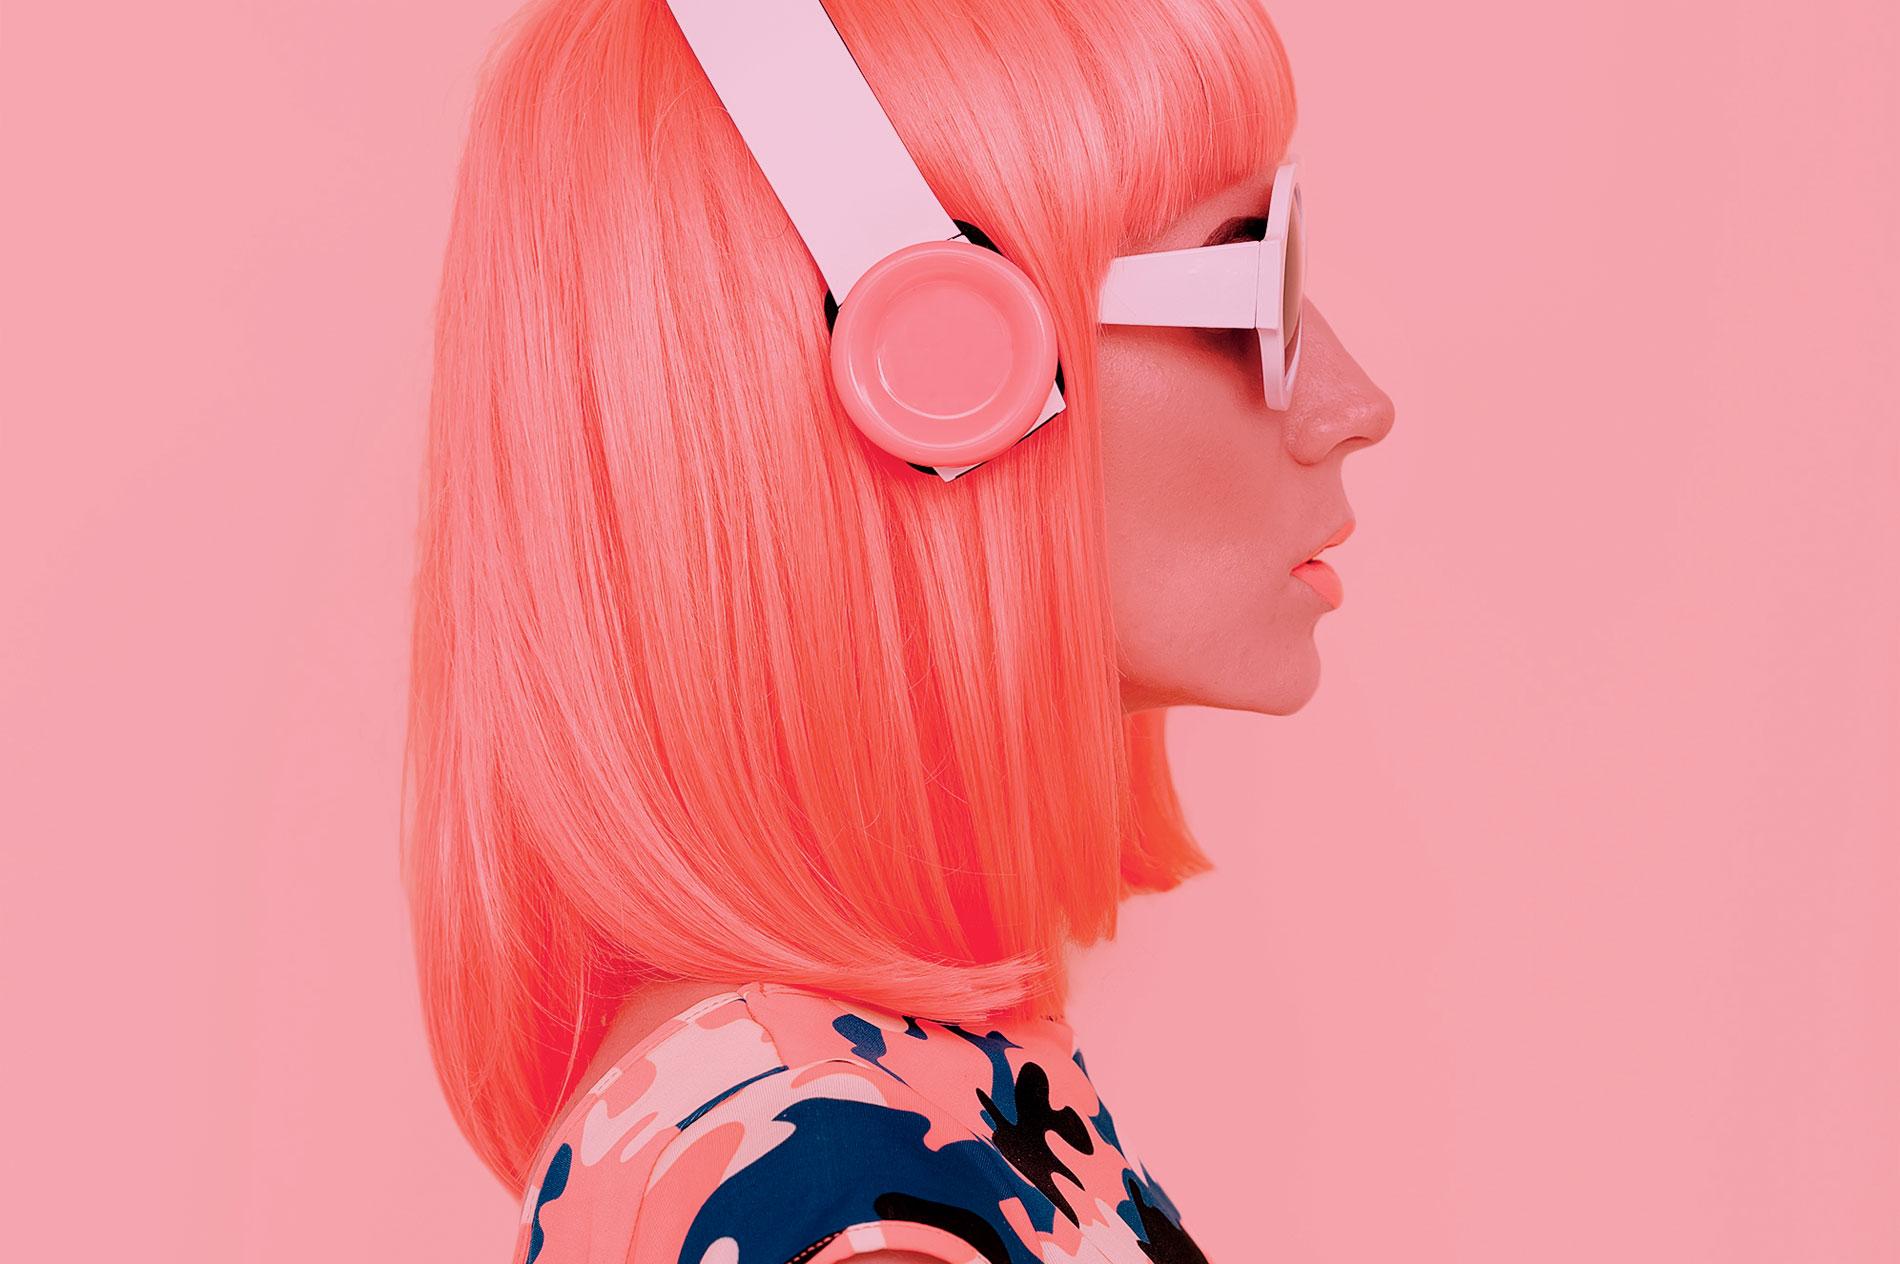 Mulheres, música e conhecimento: Confira a programação do Women's Music Event 2018